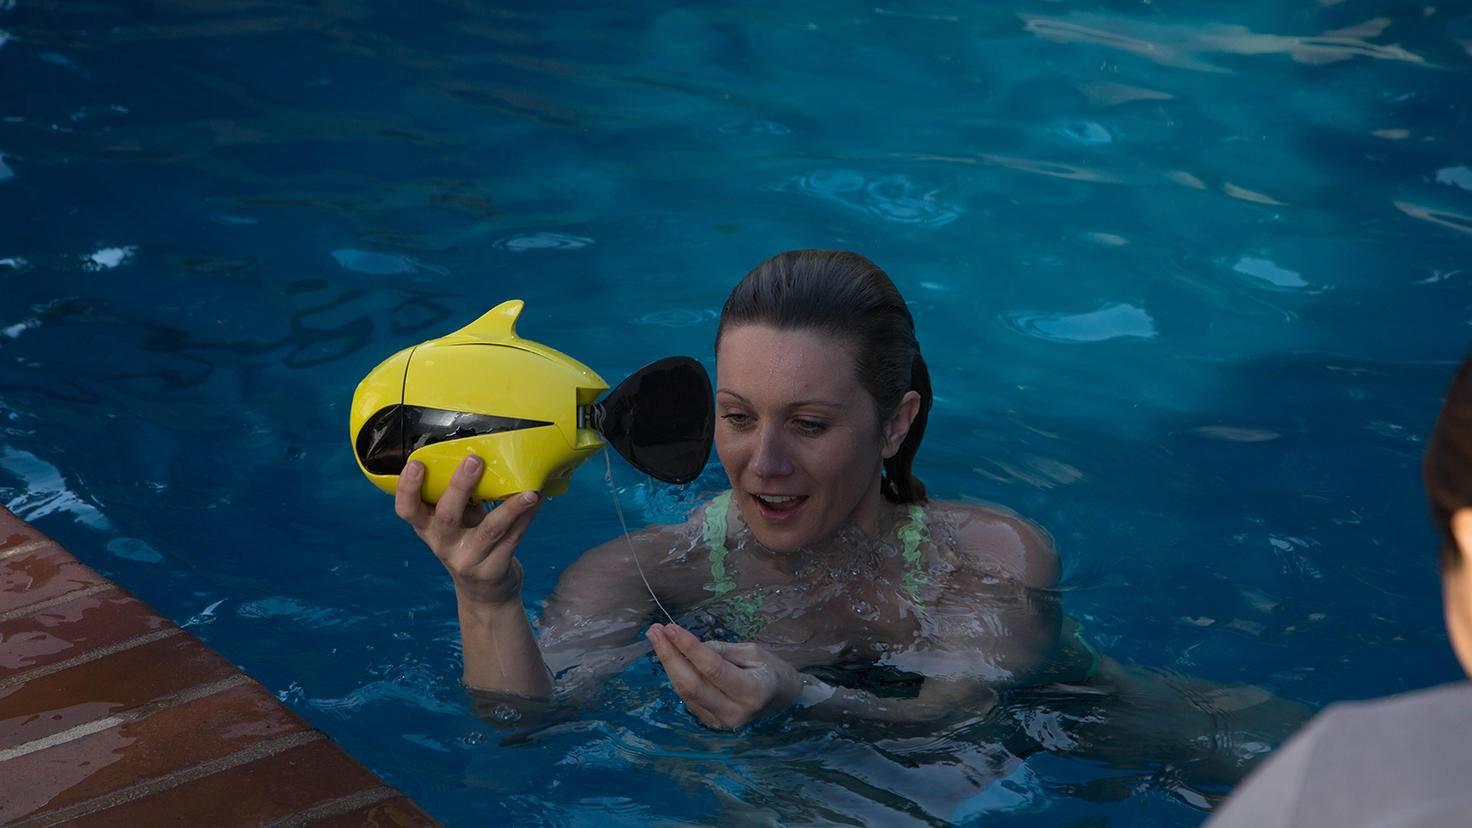 BIKI: die Unterwasser-Drohne